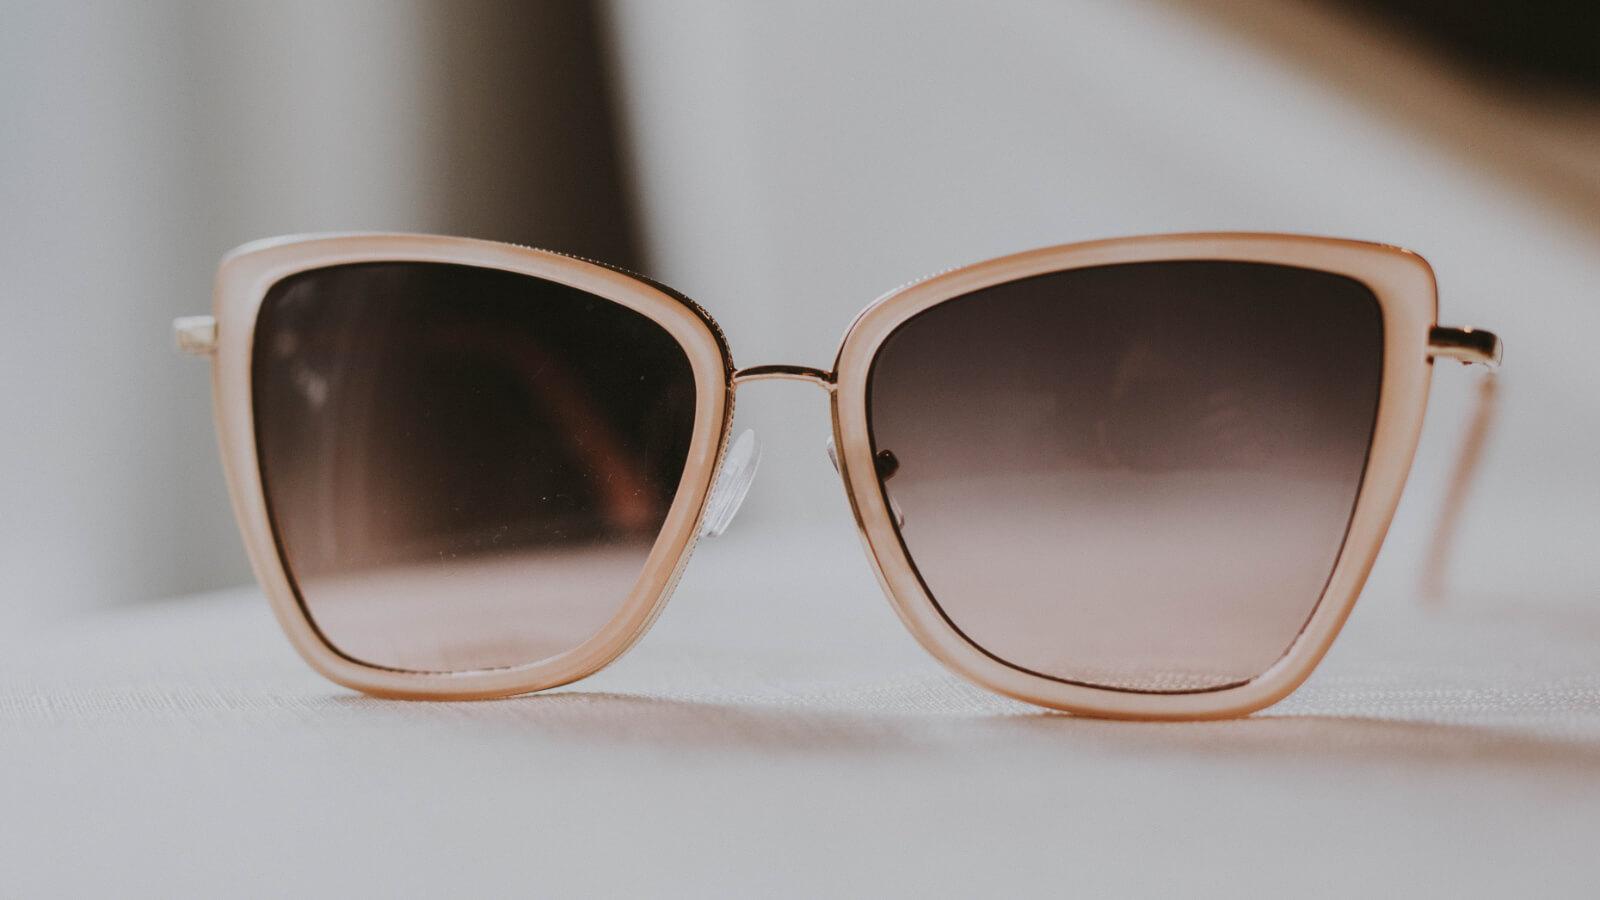 gradient lenses sunglasses